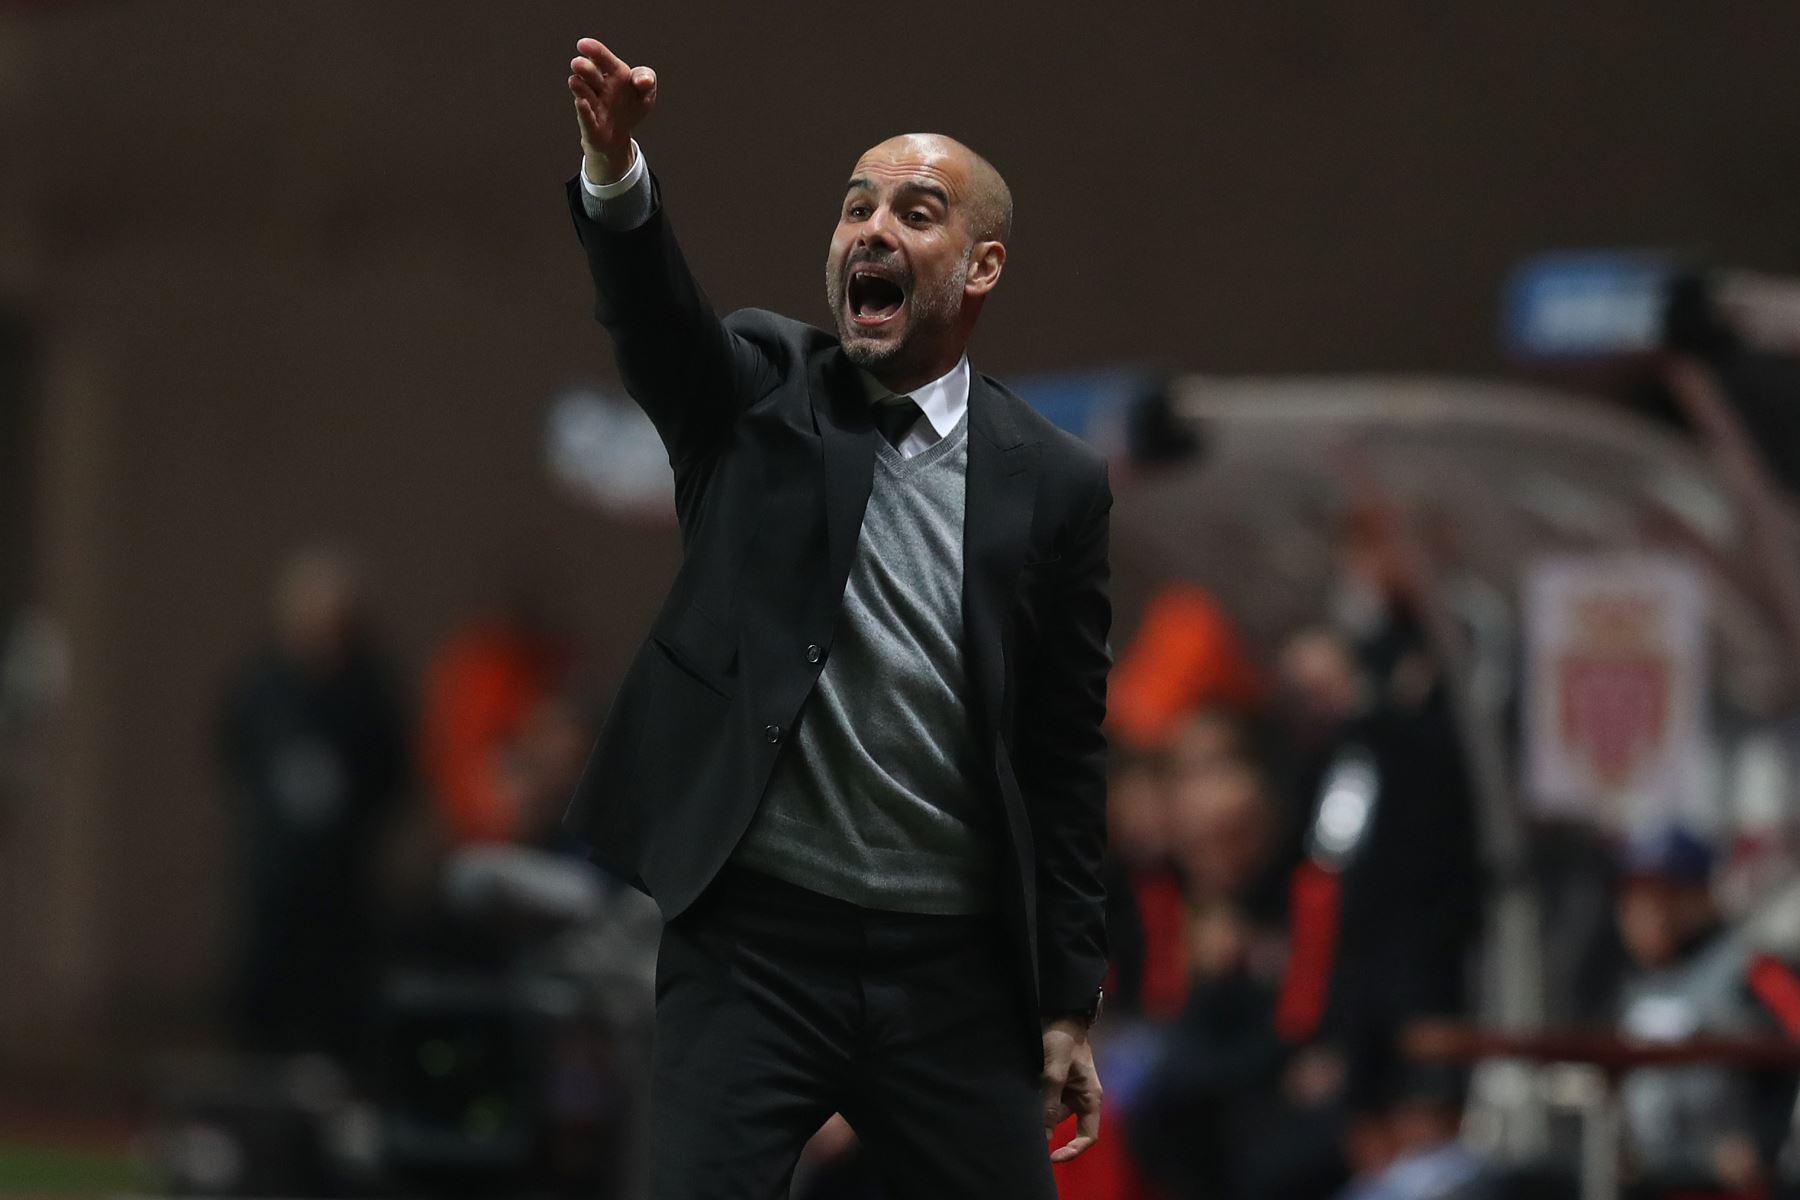 Argentina preguntó por Pep Guardiola y la respuesta los sorprendió